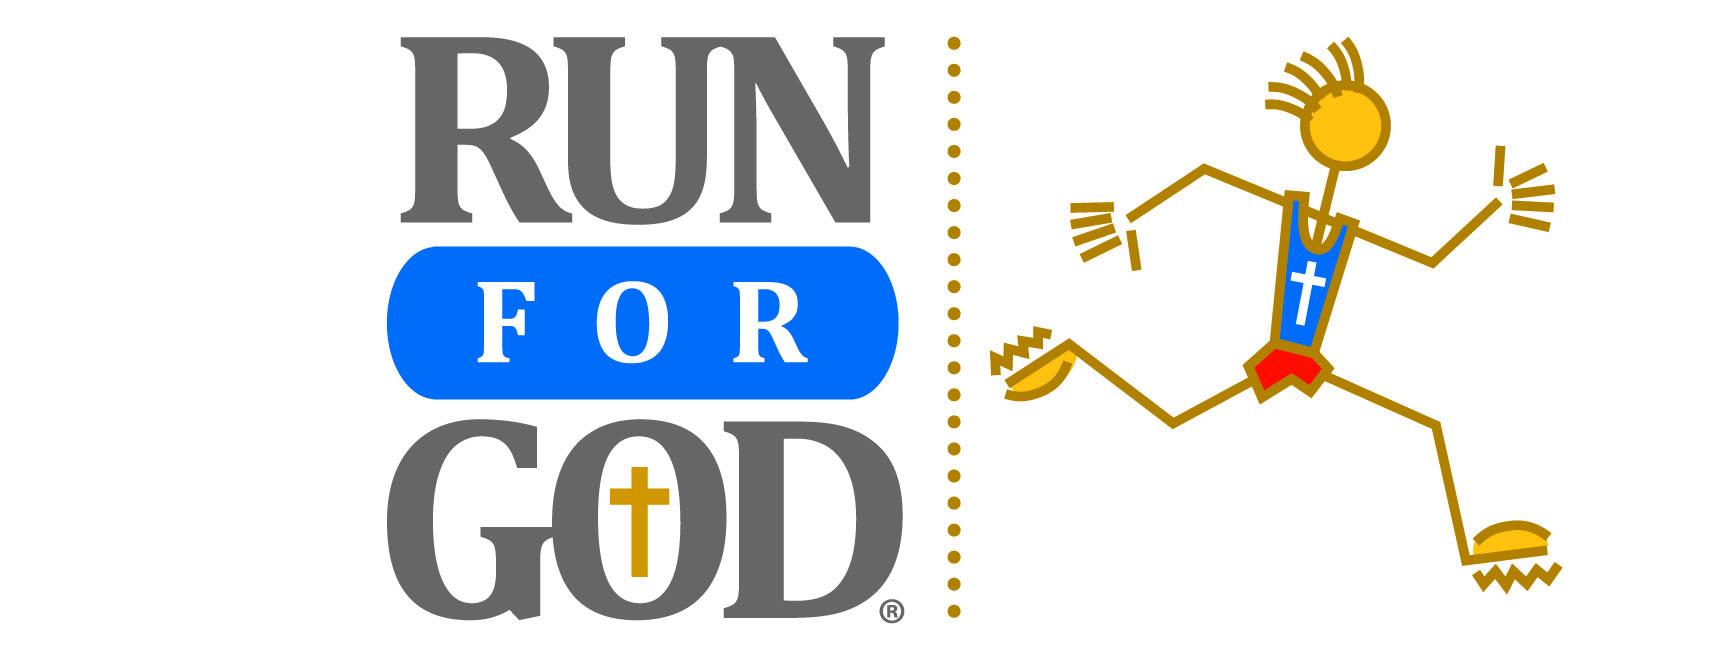 Run For God Horizontal.jpg